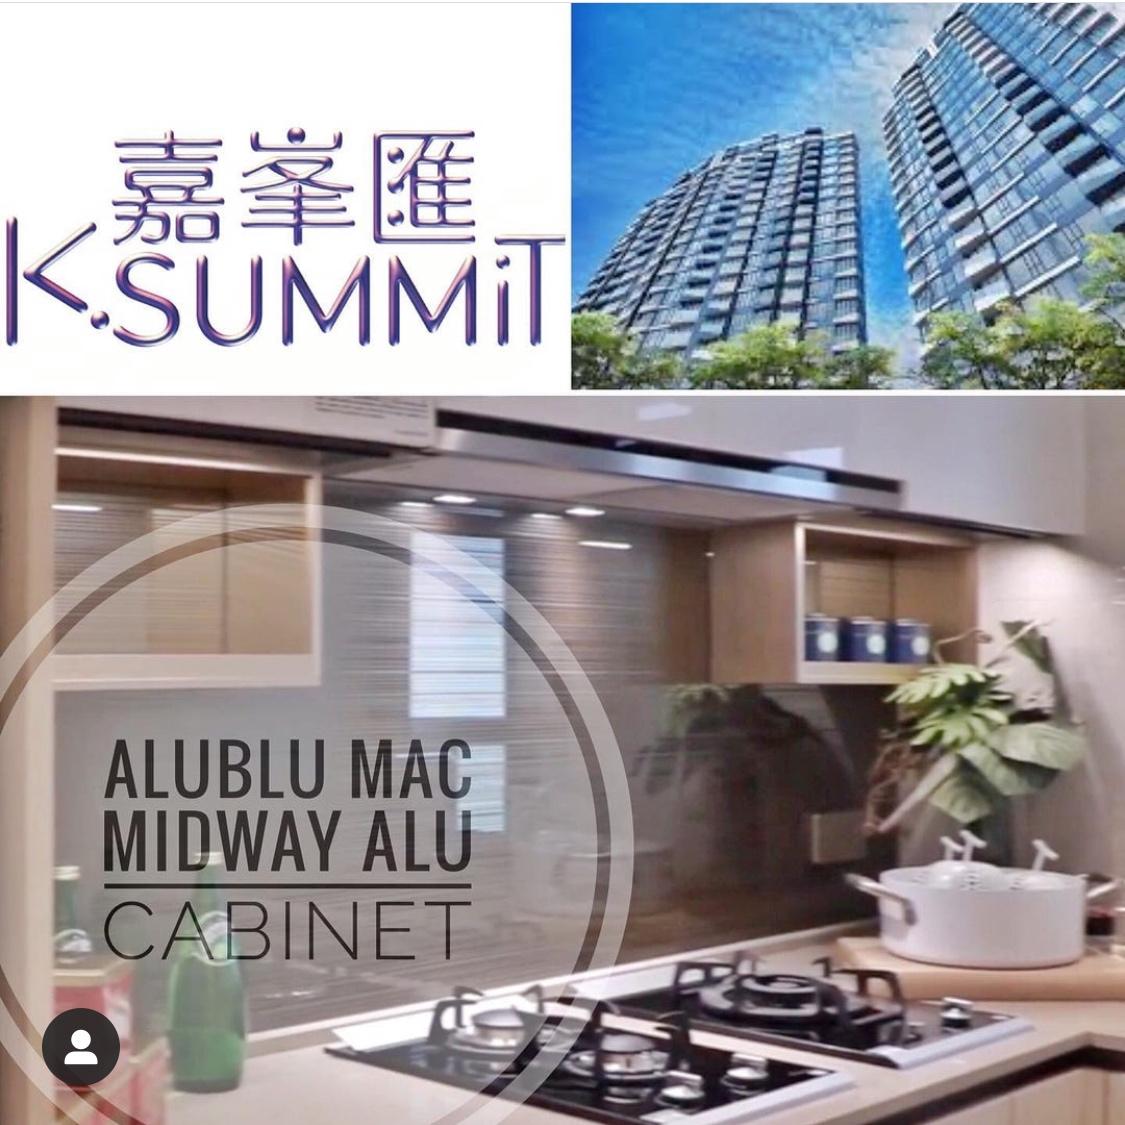 AluBlu MAC Midway Cabinet at K.Summit HK